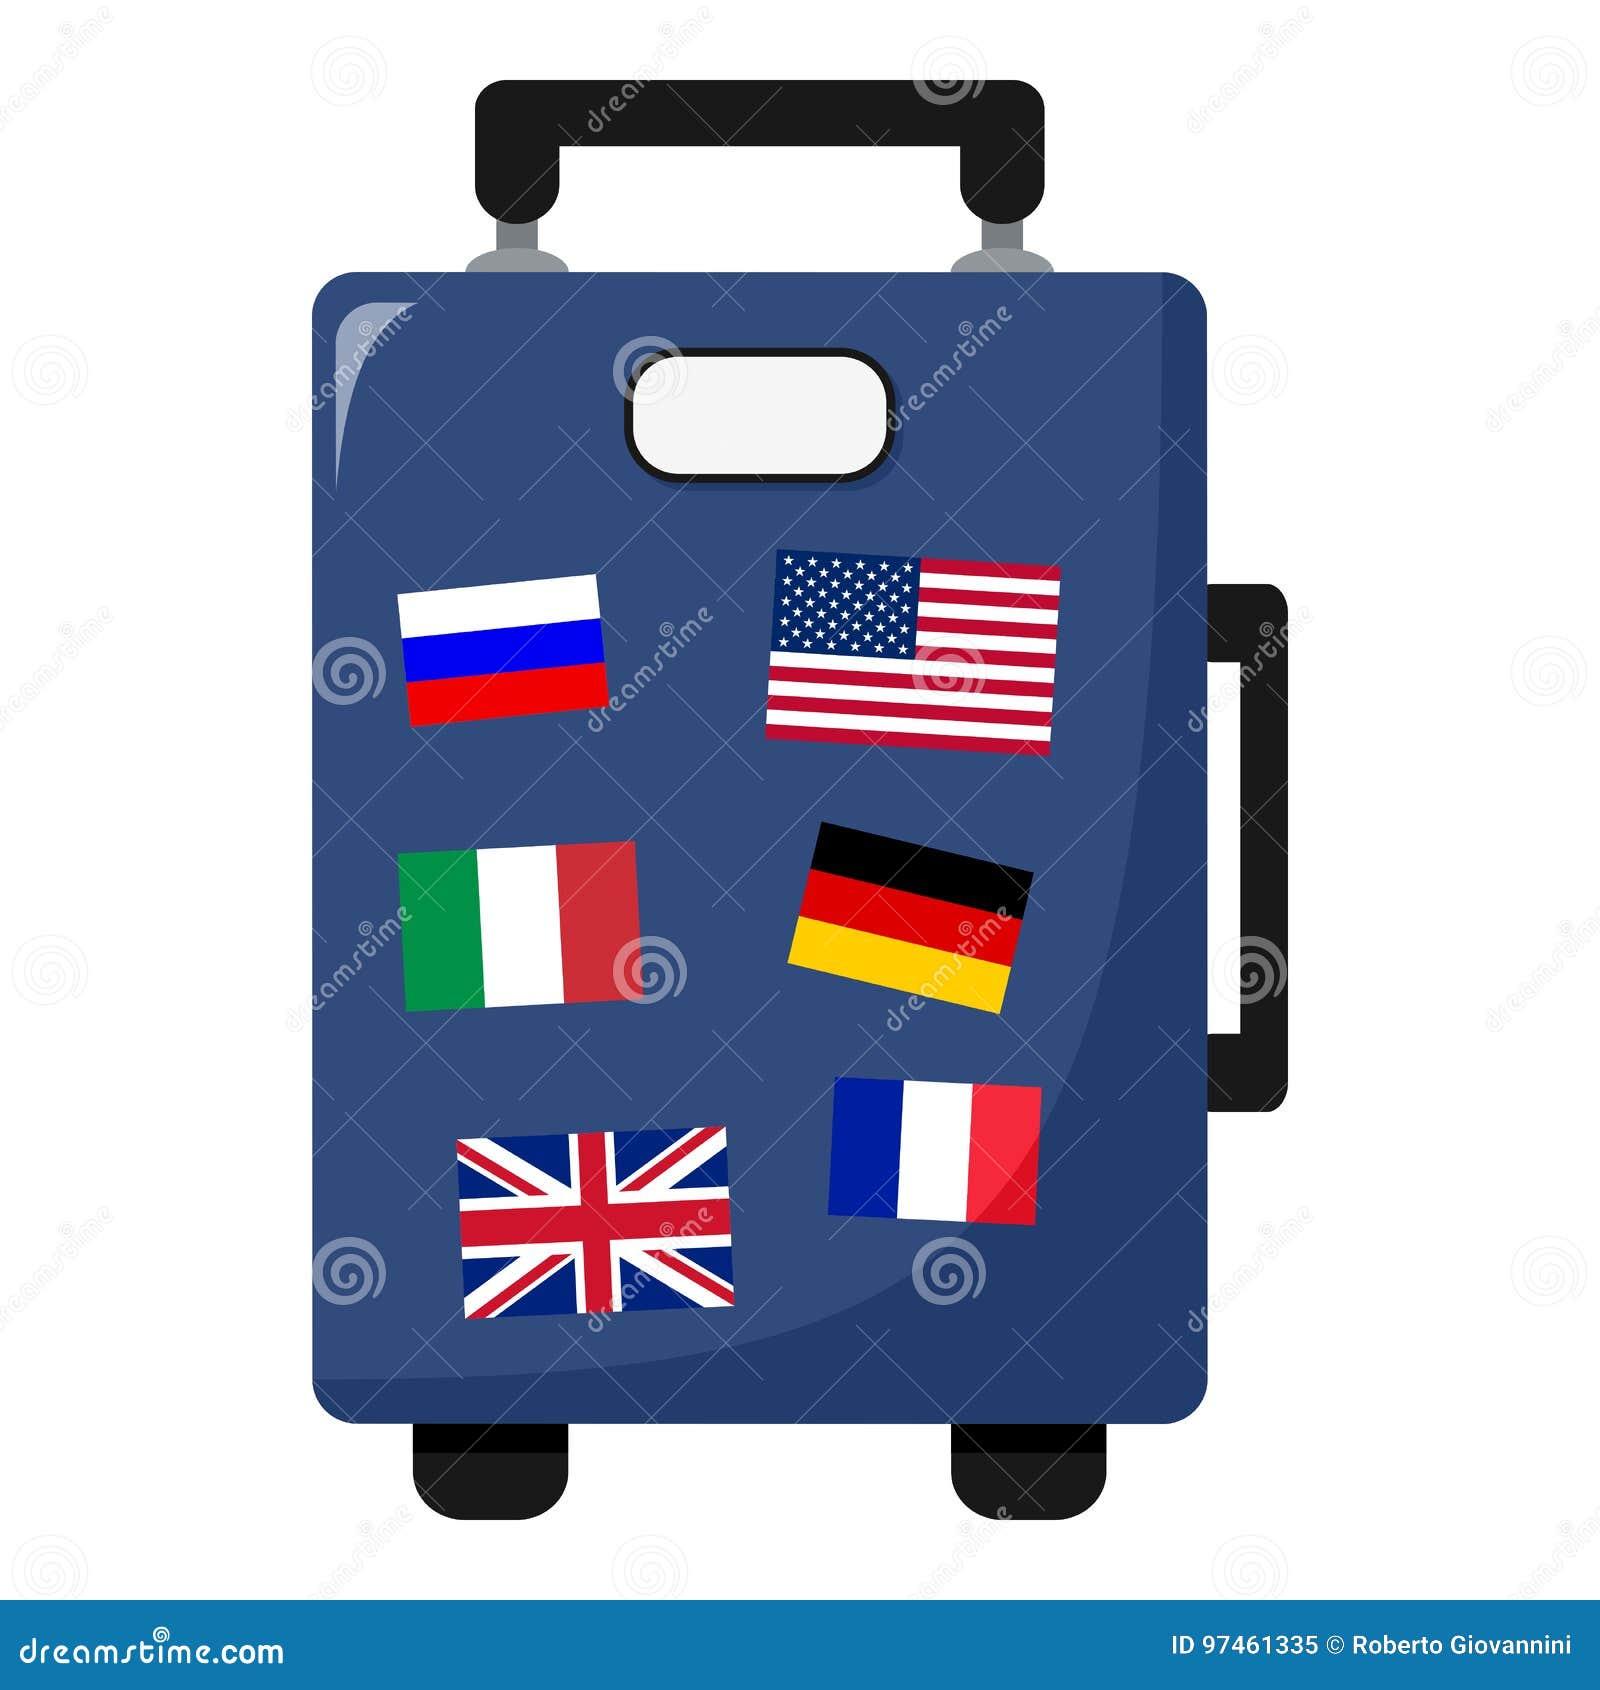 41b696ef615beb Icona piana della borsa blu della valigia con le bandiere variopinte,  isolate su fondo bianco Archivio di ENV disponibile. Più illustrazioni stock  simili